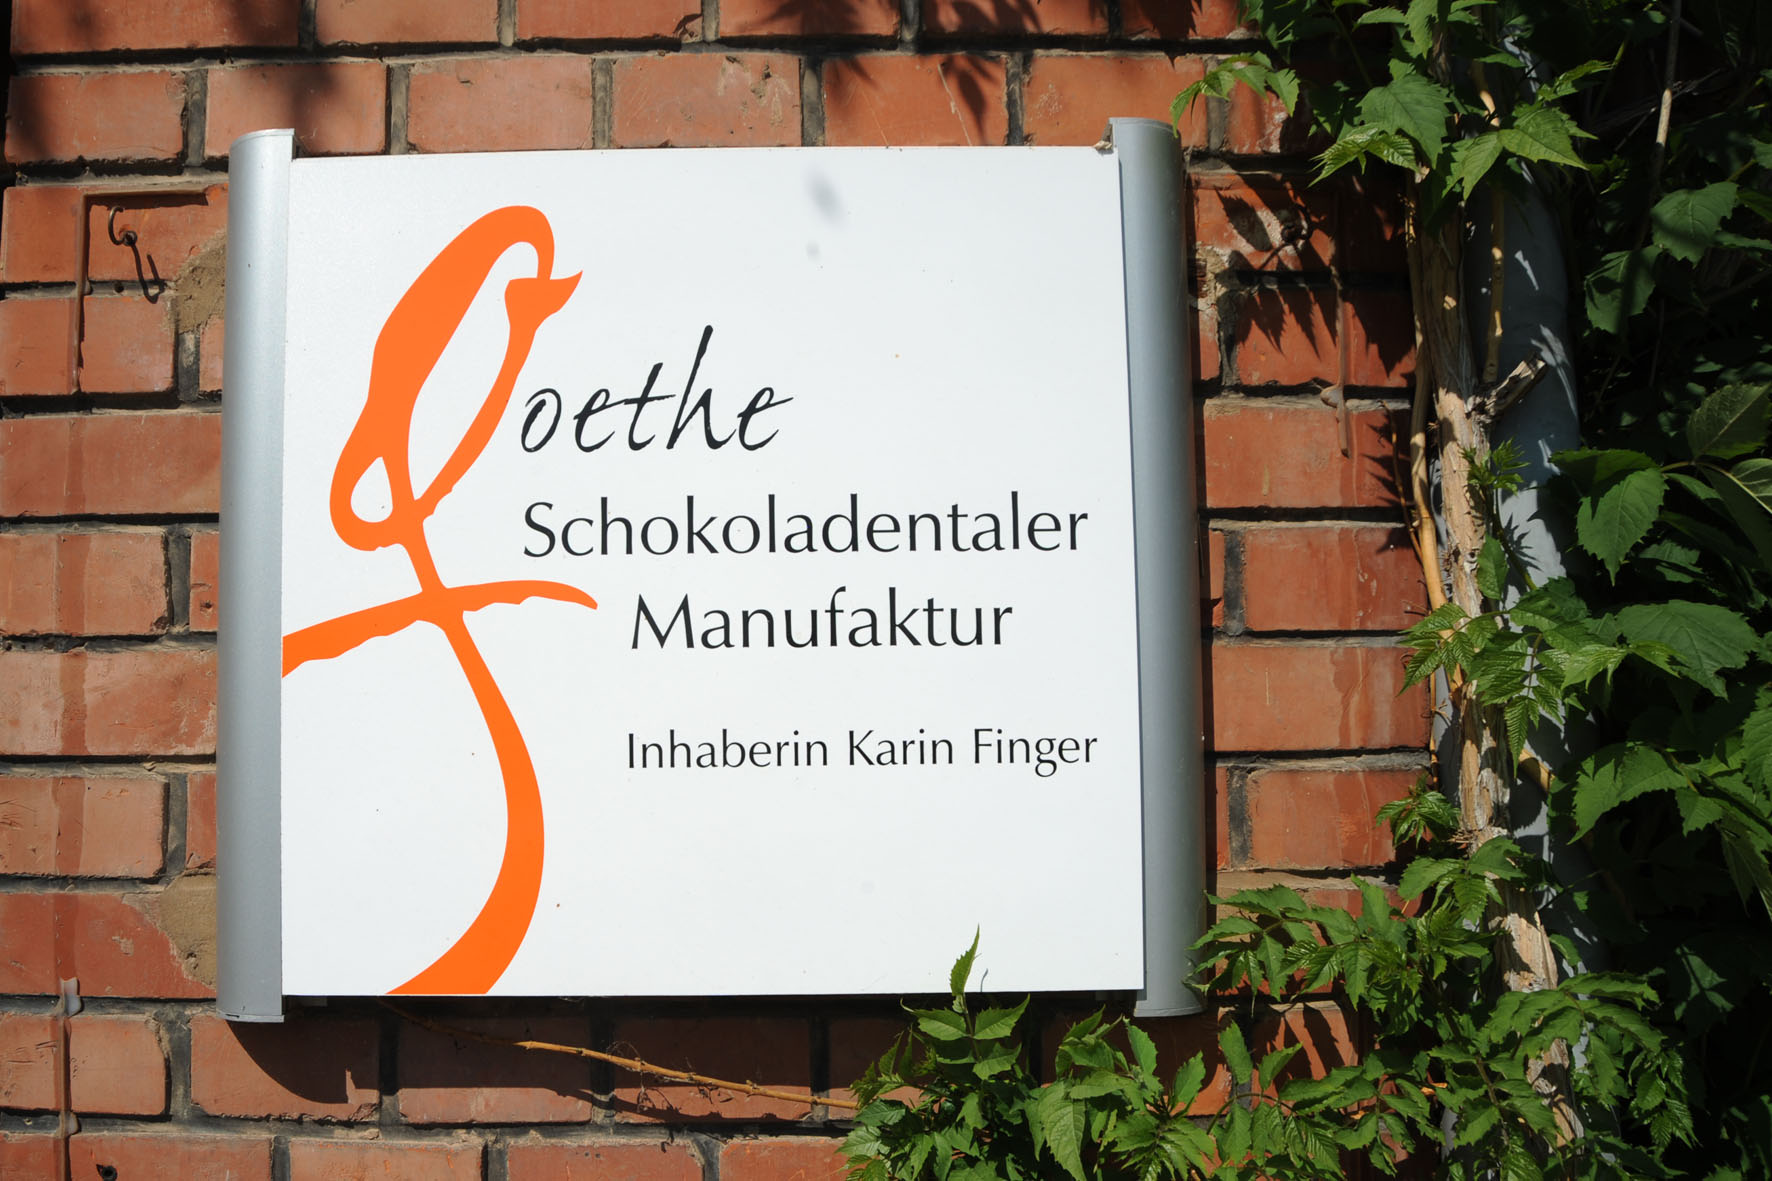 Die Goethe Schokothaler Manufaktur  Bad Frankenhausen   15.05.2008   Foto: Nikola   Text: Hoernle